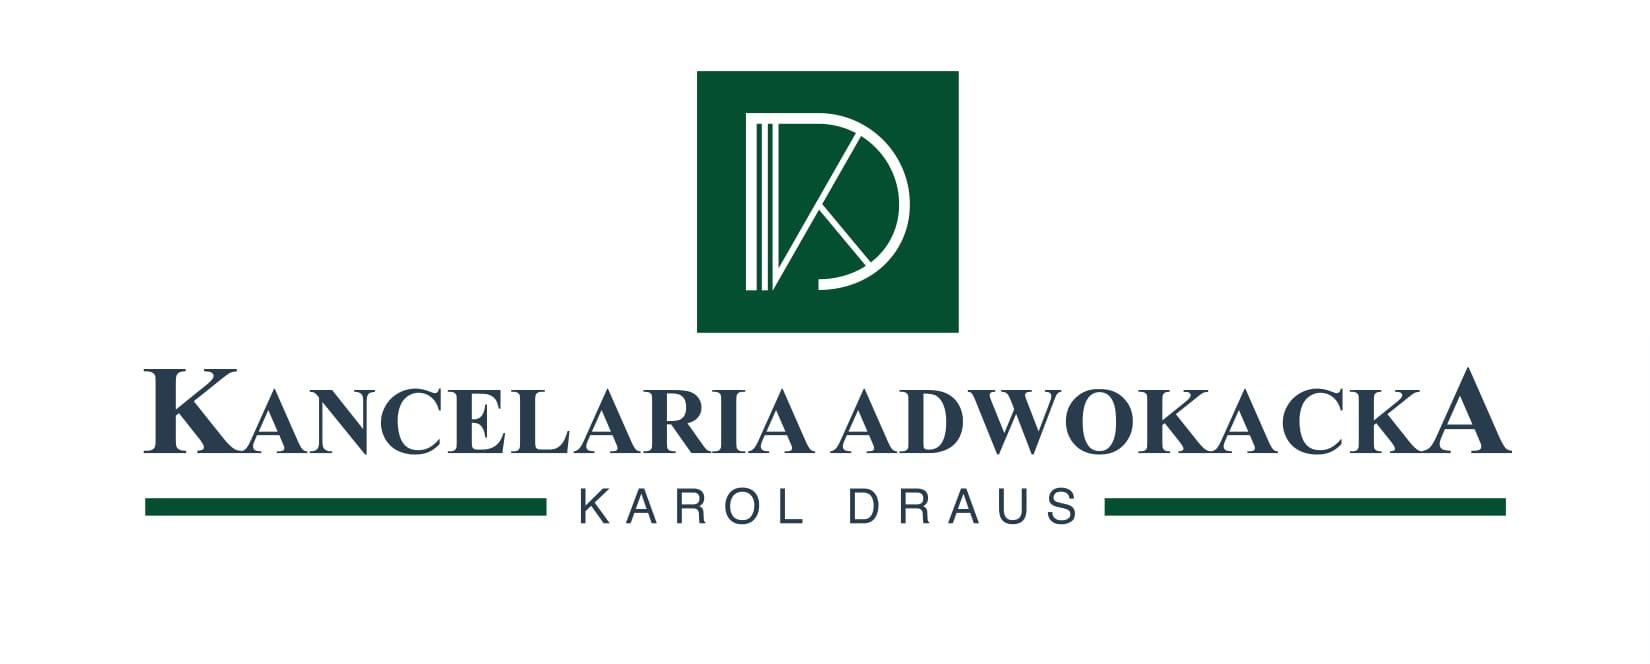 Kancelaria Adwokacka adwokat Karol Draus